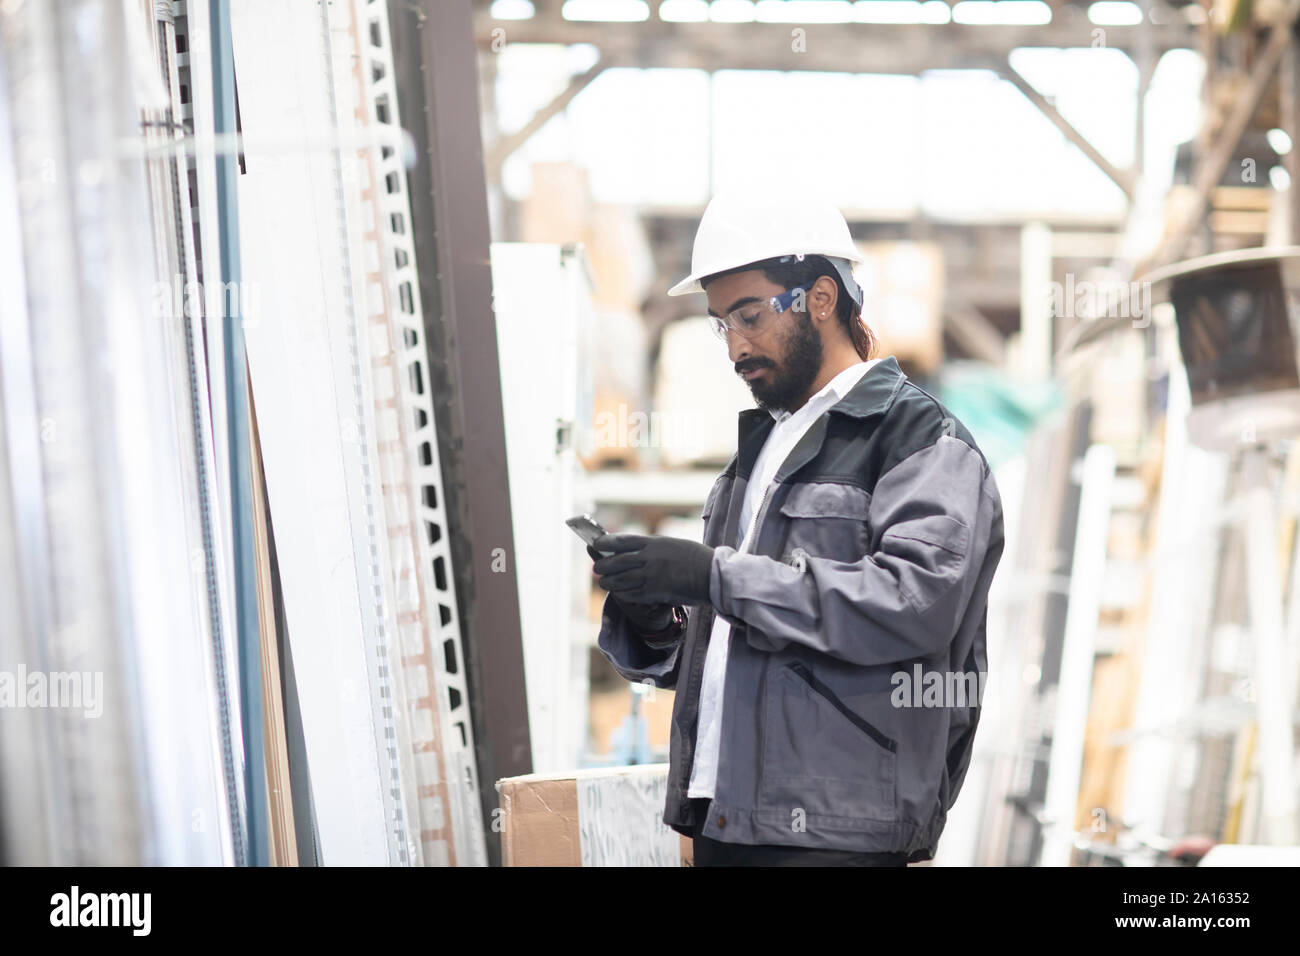 Jeune homme avec cell phone wearing hard hat travaillant dans un entrepôt Banque D'Images